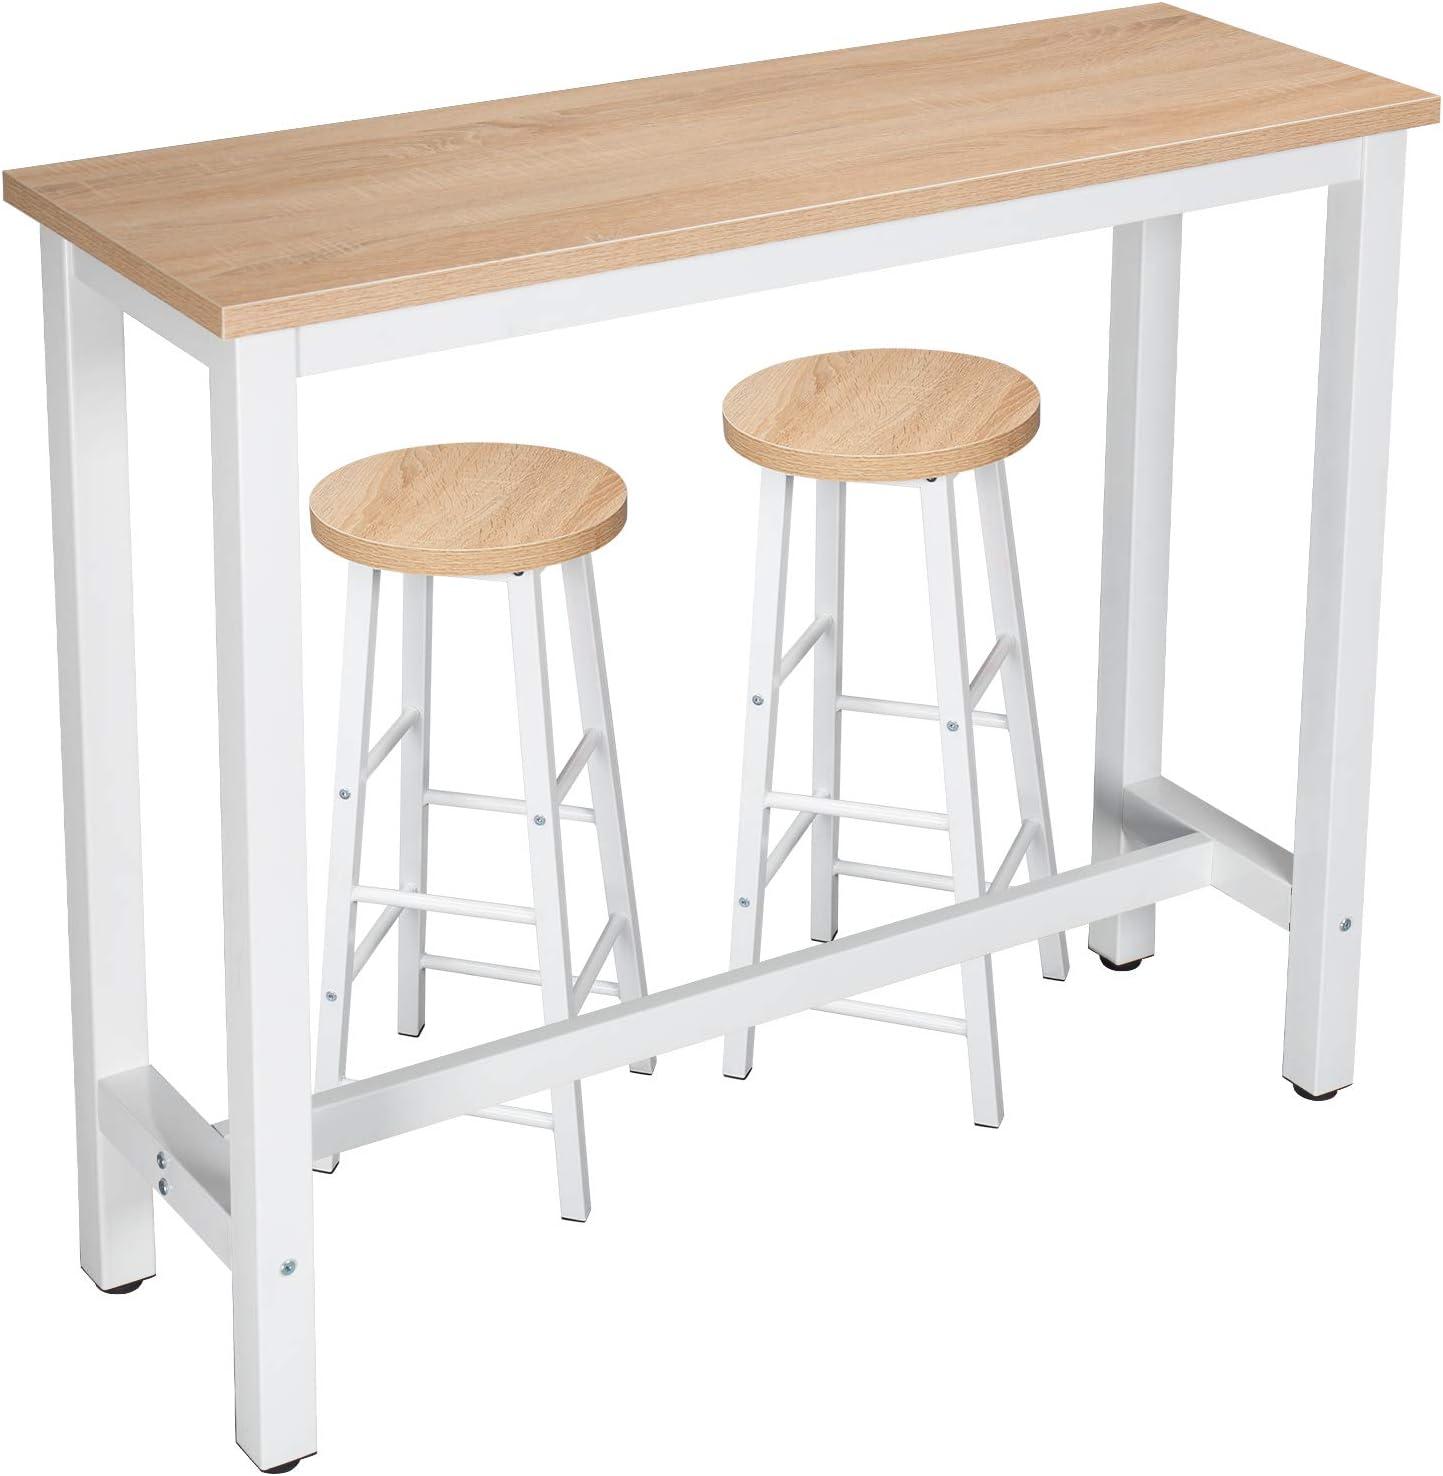 WOLTU Set Mesa de Bar y 2 uds. Taburete de Bar Muebles Cocina Silla de Comedor para Salon Cocina Mesa 120x40x100 cm Estructura de Metal, MDF Roble Claro BT17hei+BH130hei-2